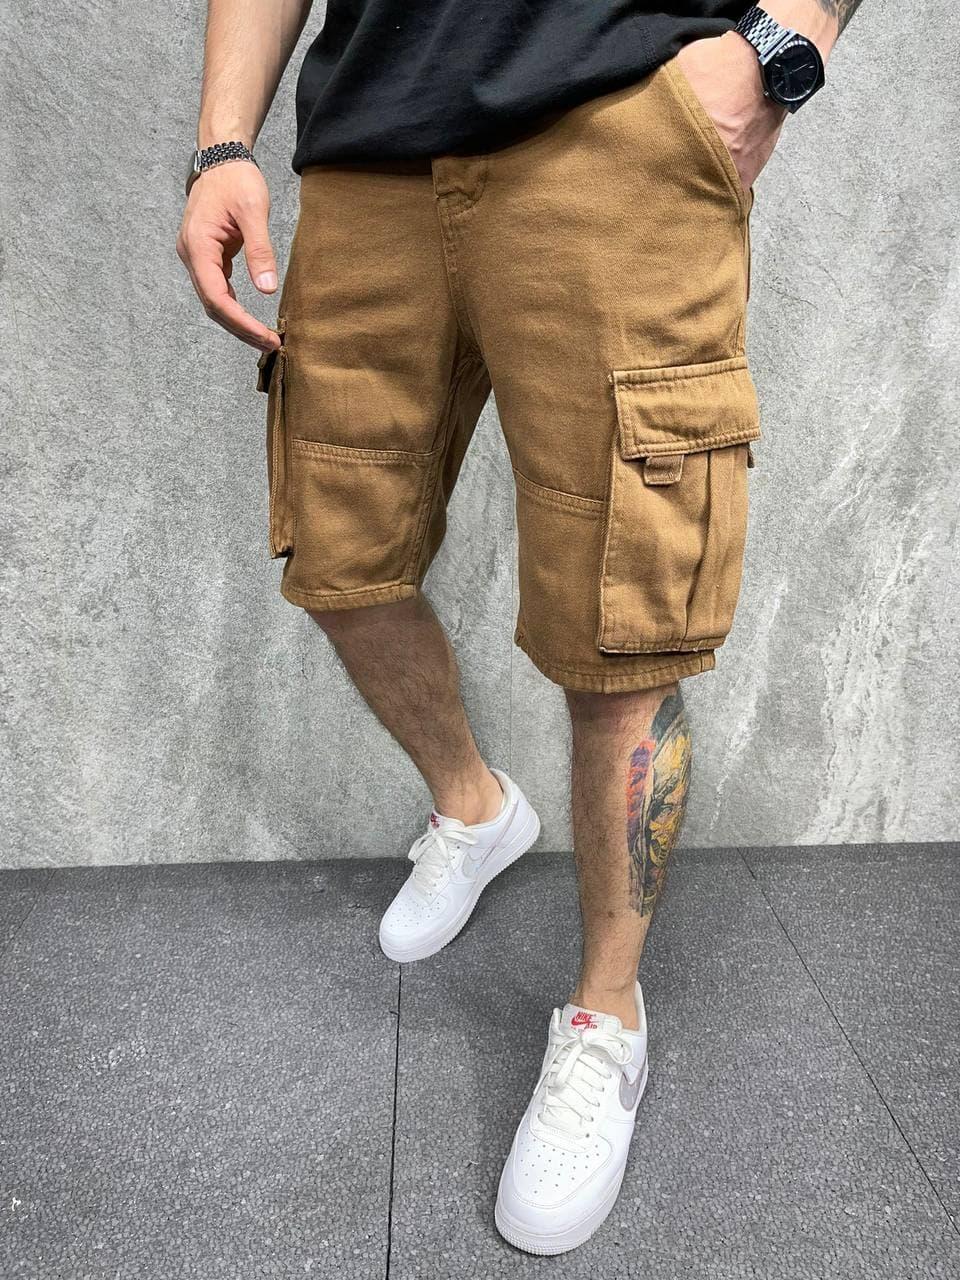 Мужские джинсовые шорты (песочный) с большими карманами сбоку свободные бриджи AK8054